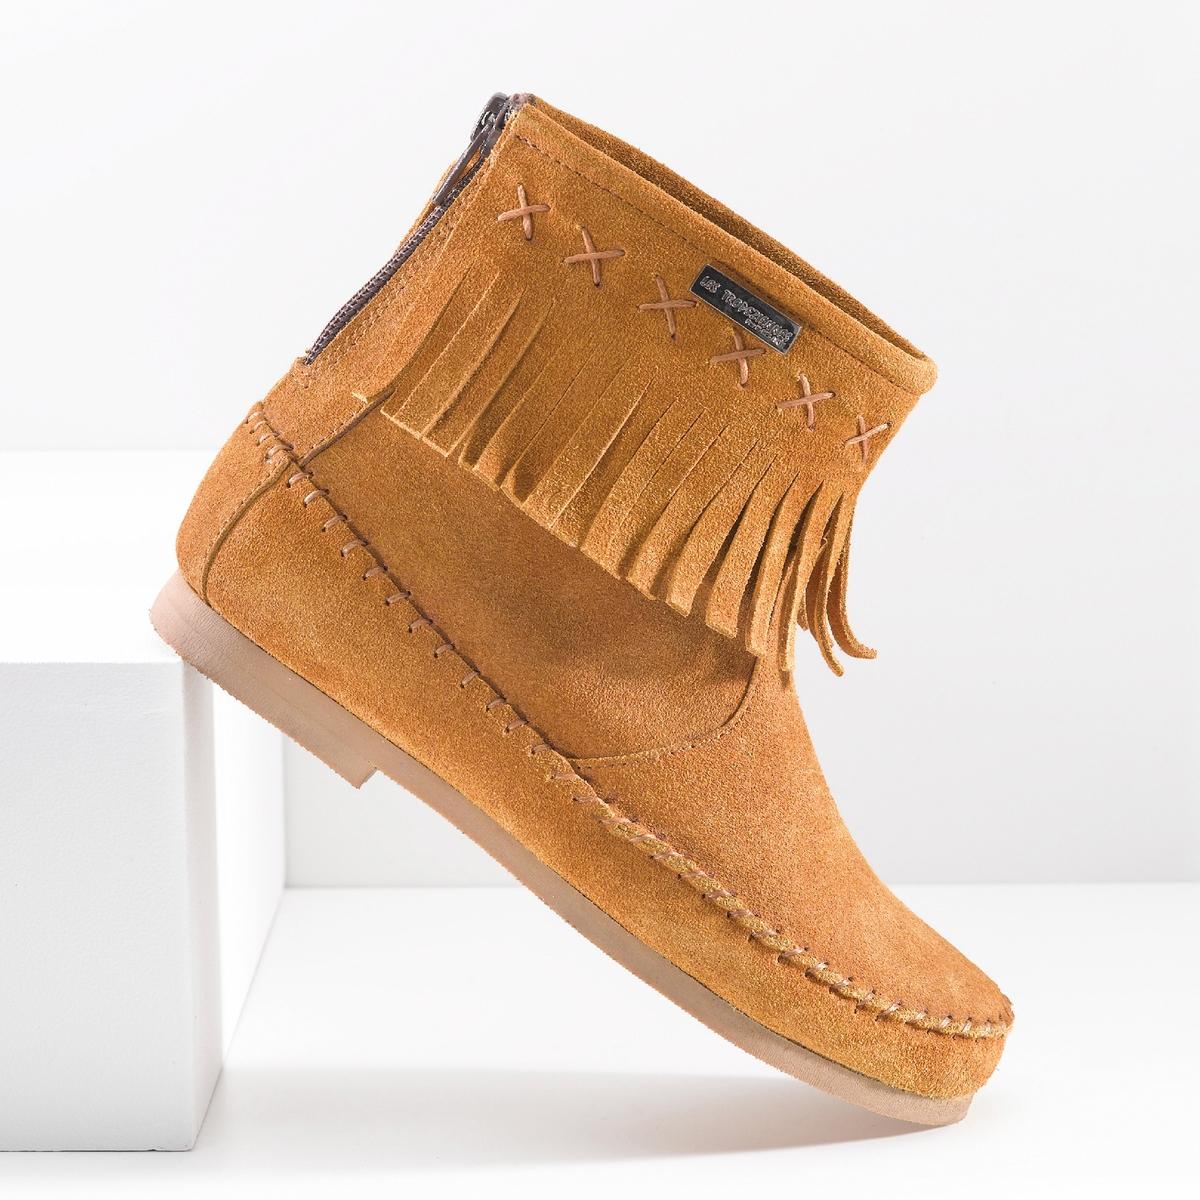 Ботильоны кожаные с бахромой CrabeОписание:Детали •  Высота голенища : 13 см для размера 37 •  Высота каблука : 1 см. •  Застежка : на молнию •  Круглый мысокСостав и уход  •  Верх 100% спилок •  Подкладка 100% текстиль •  Стелька 100% кожа •  Подошва 100% эластомер<br><br>Цвет: темно-бежевый,черный<br>Размер: 33